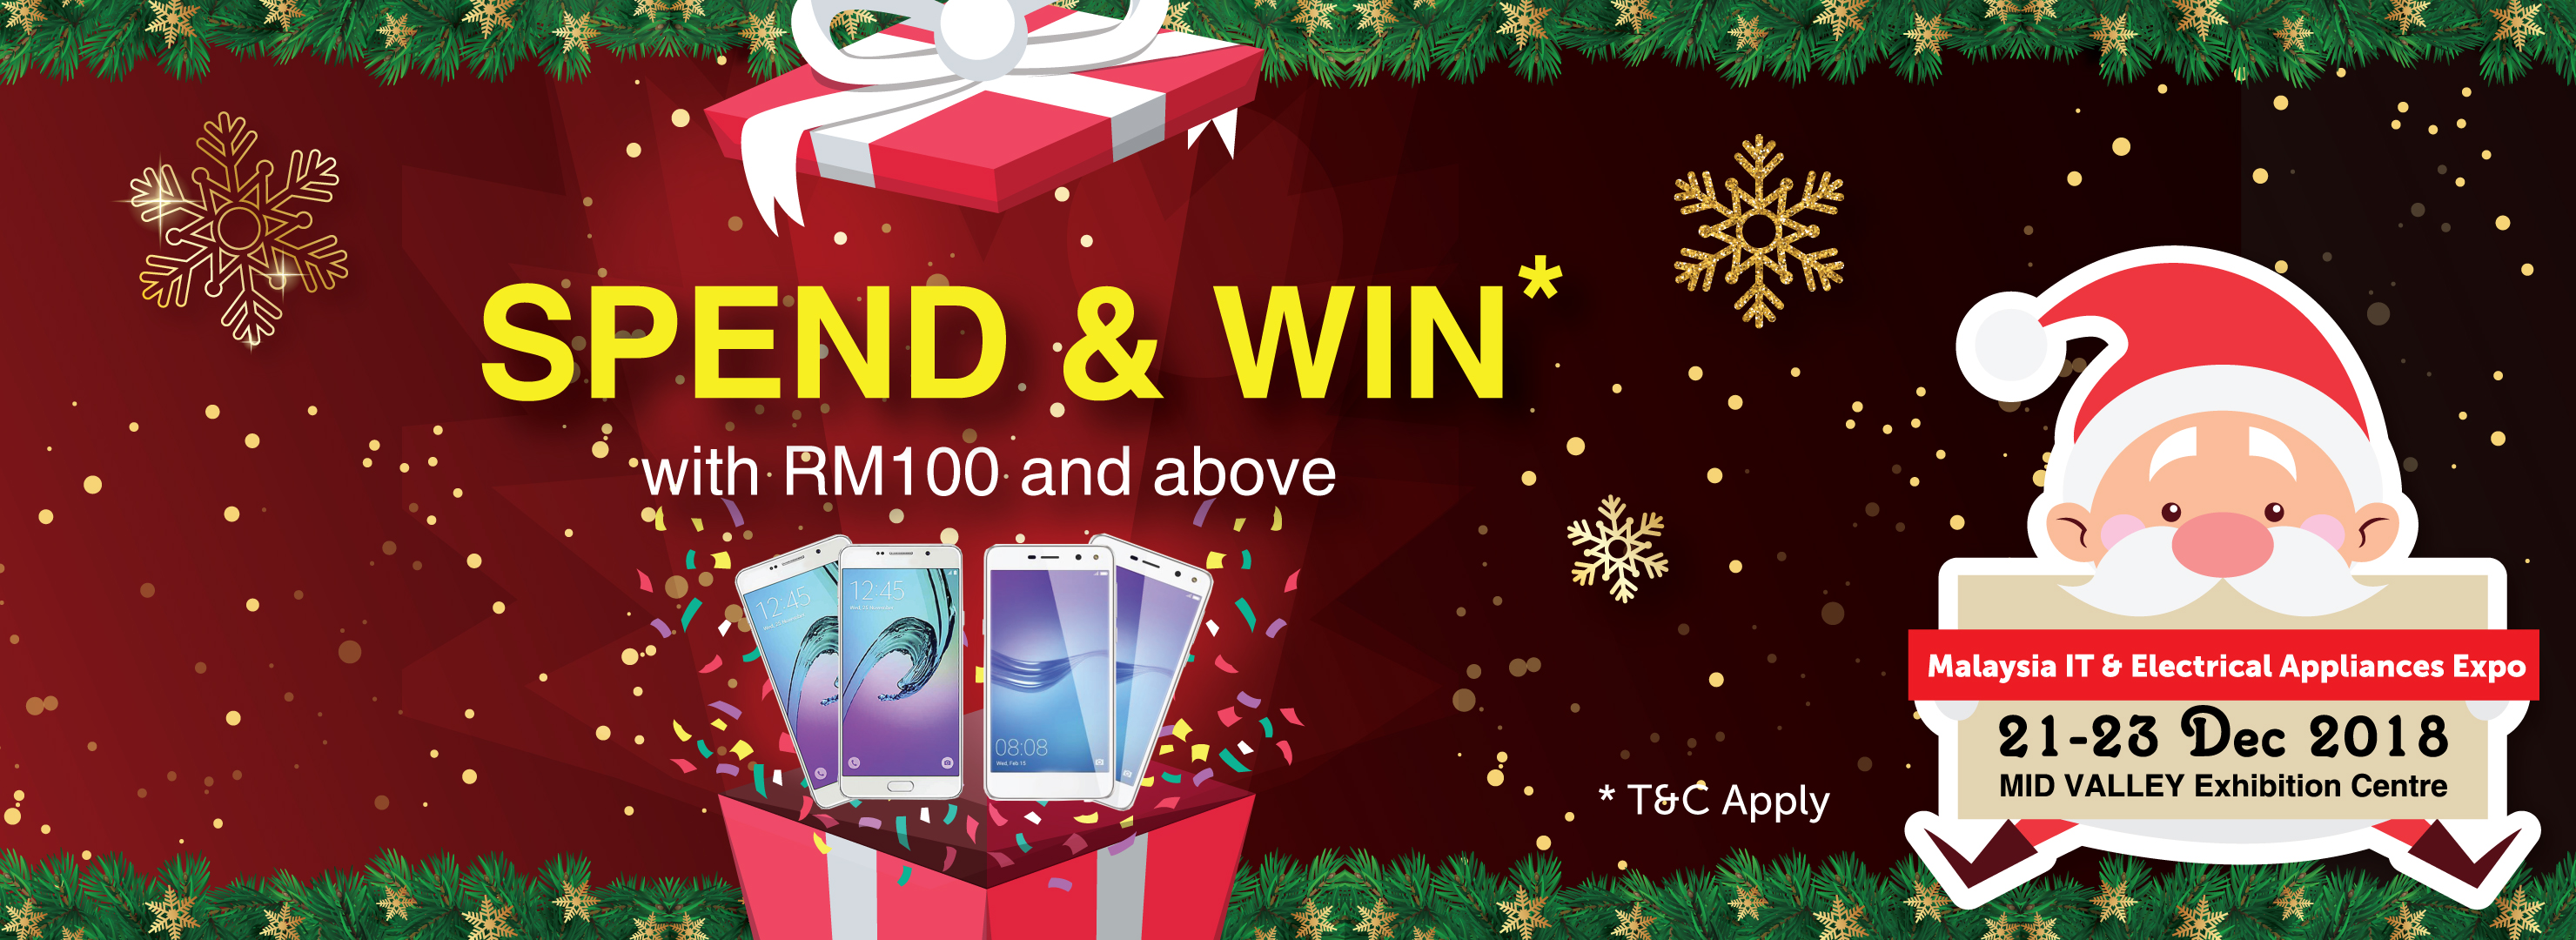 MITE-Online-Advs-740-X-270-Spend-Win